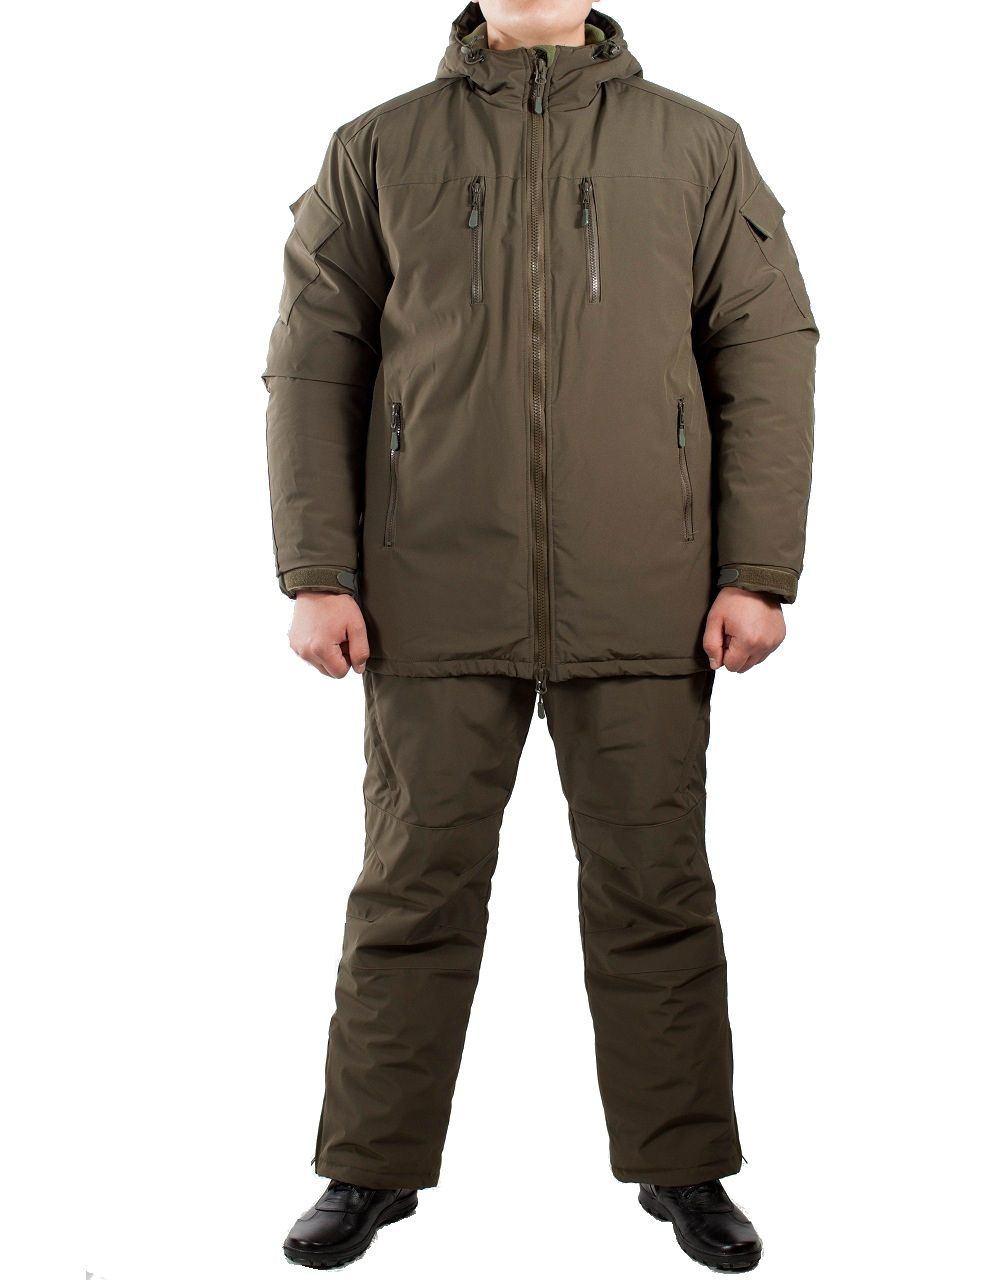 Костюм зимний МПА-38-01 (мембрана, хаки), Magellan Костюмы утепленные<br>Костюм состоит из брюк с плечевой разгрузочной <br>системой, а также куртки со съемным капюшоном <br>и утепляющей подкладкой. Разработан для <br>подразделений воооруженных сил, действующих <br>в условиях экстремального холода (до -50 <br>градусов Цельсия). ХАРАКТЕРИСТИКИ ЗАЩИТА <br>ОТ ХОЛОДА ДЛЯ ИНТЕНСИВНЫХ НАГРУЗОК ДЛЯ <br>АКТИВНОГО ОТДЫХА ТОЛЬКО РУЧНАЯ СТИРКА МАТЕРИАЛЫ <br>МЕМБРАНА УТЕПЛИТЕЛЬ ФАЙБЕРСОФТ<br><br>Пол: мужской<br>Размер: 60<br>Рост: 182<br>Сезон: зима<br>Цвет: оливковый<br>Материал: мембрана